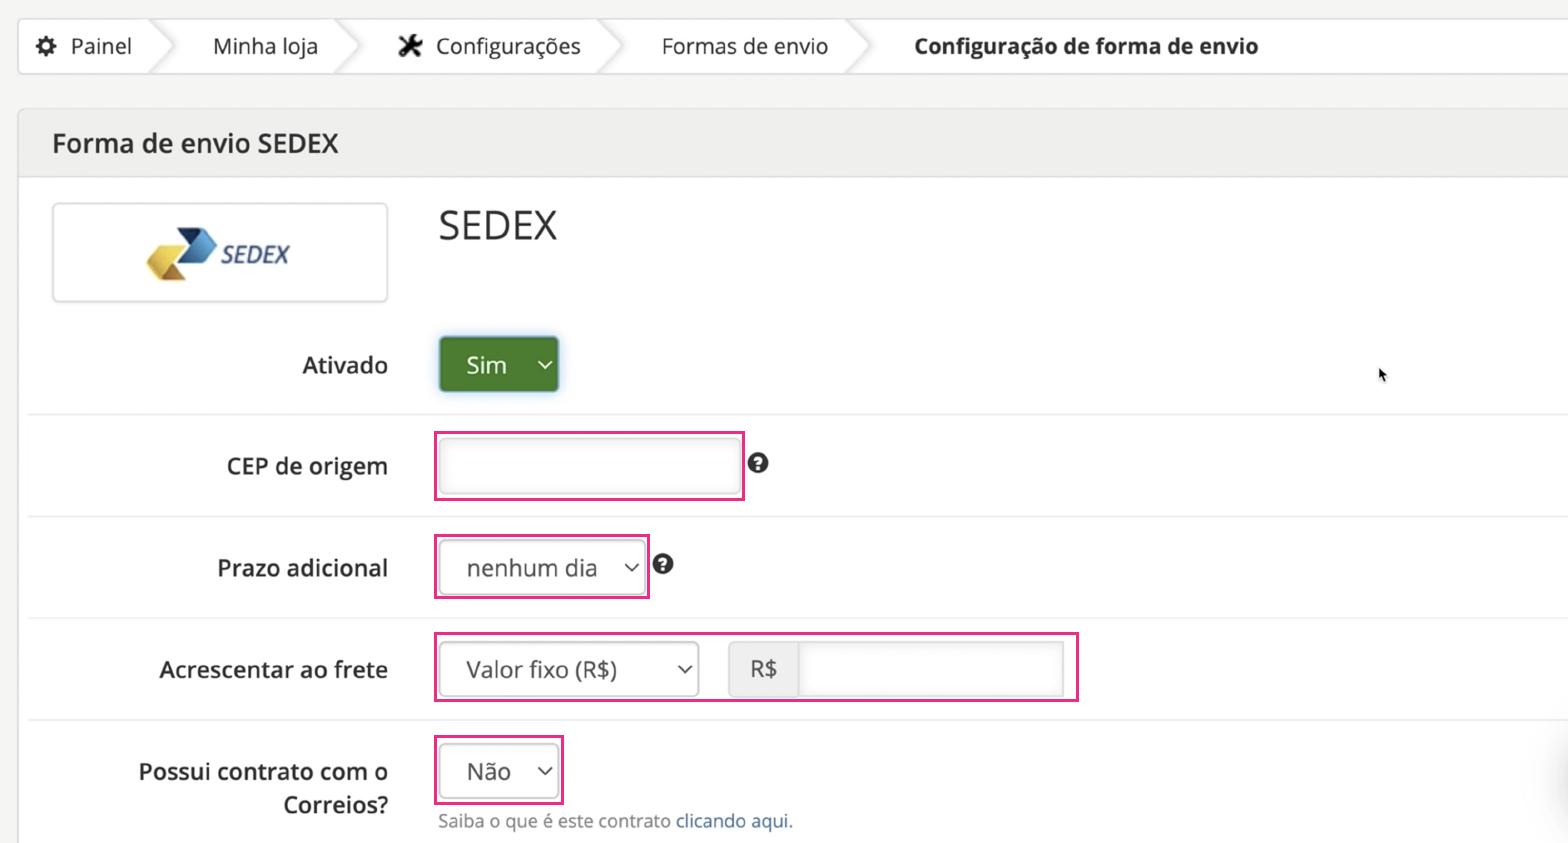 imagem4 como configurar formas de envio loja integrada